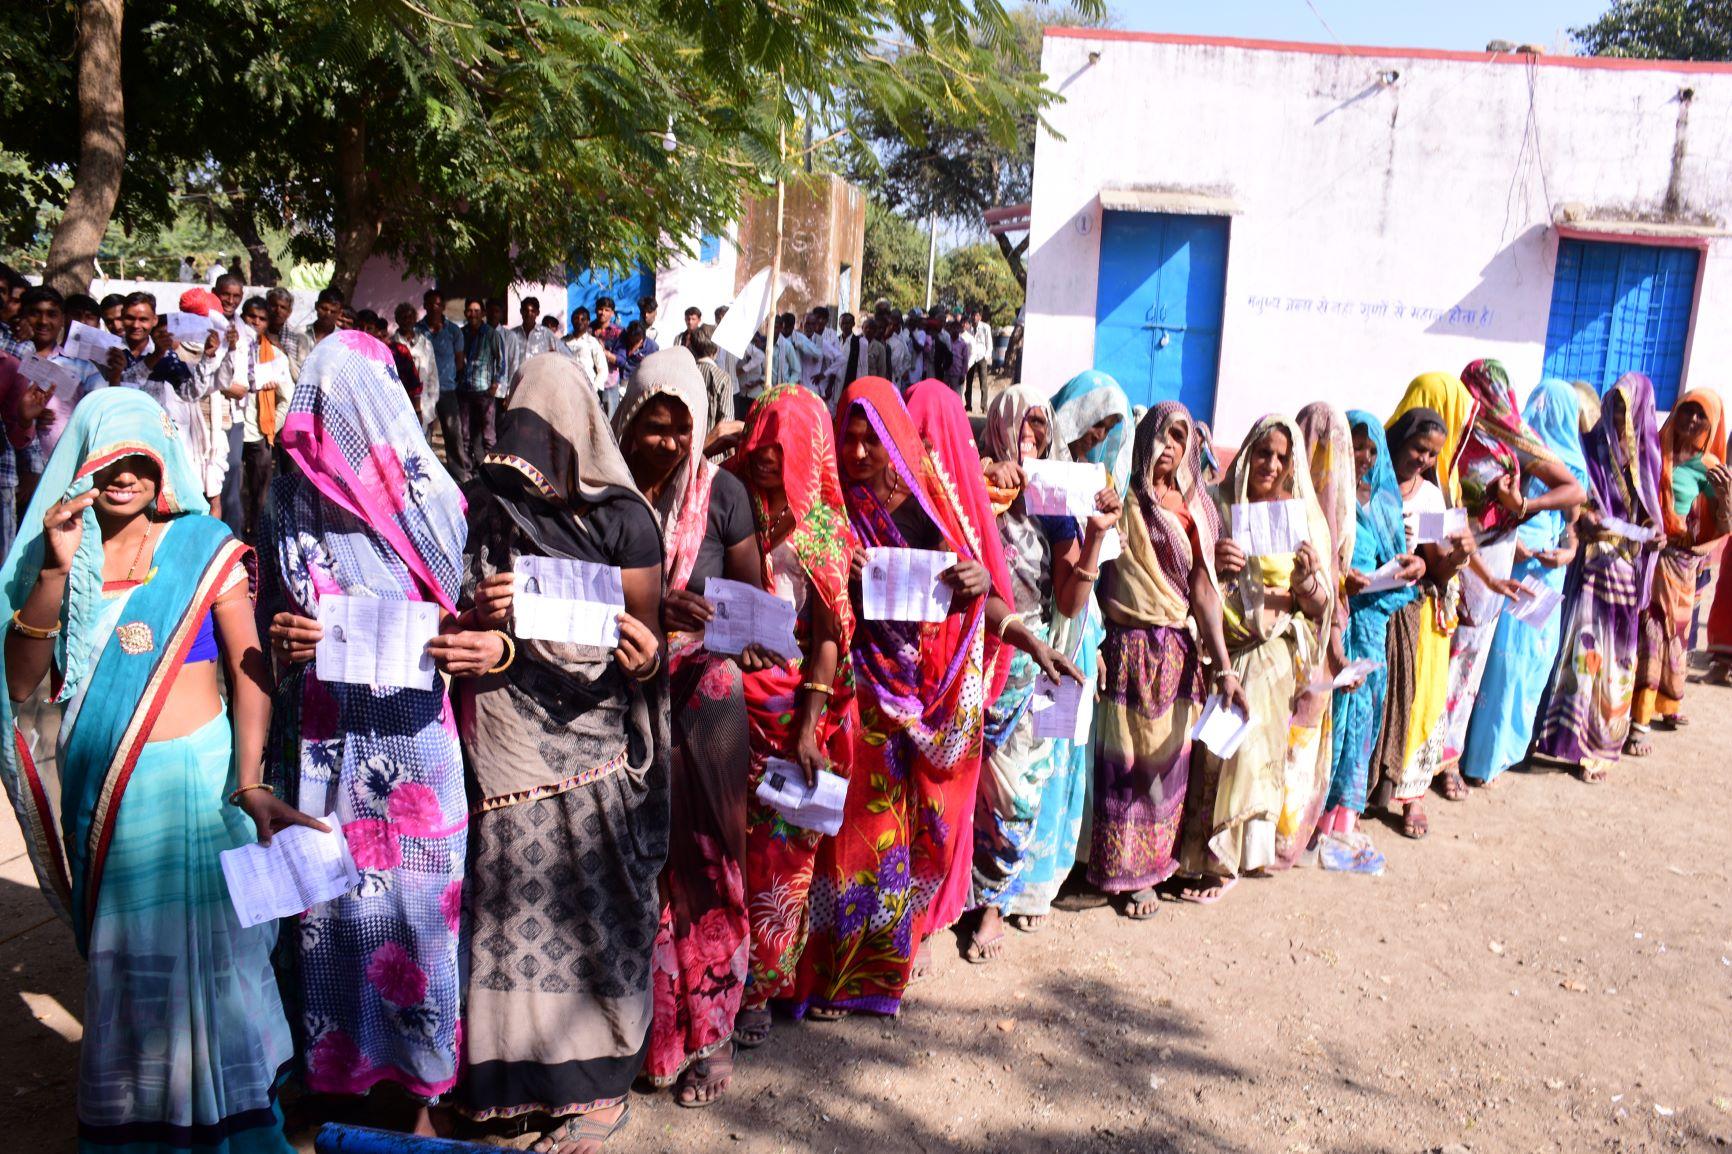 जिले में विधानसभा चुनाव शांतिपूर्ण सम्पन्न